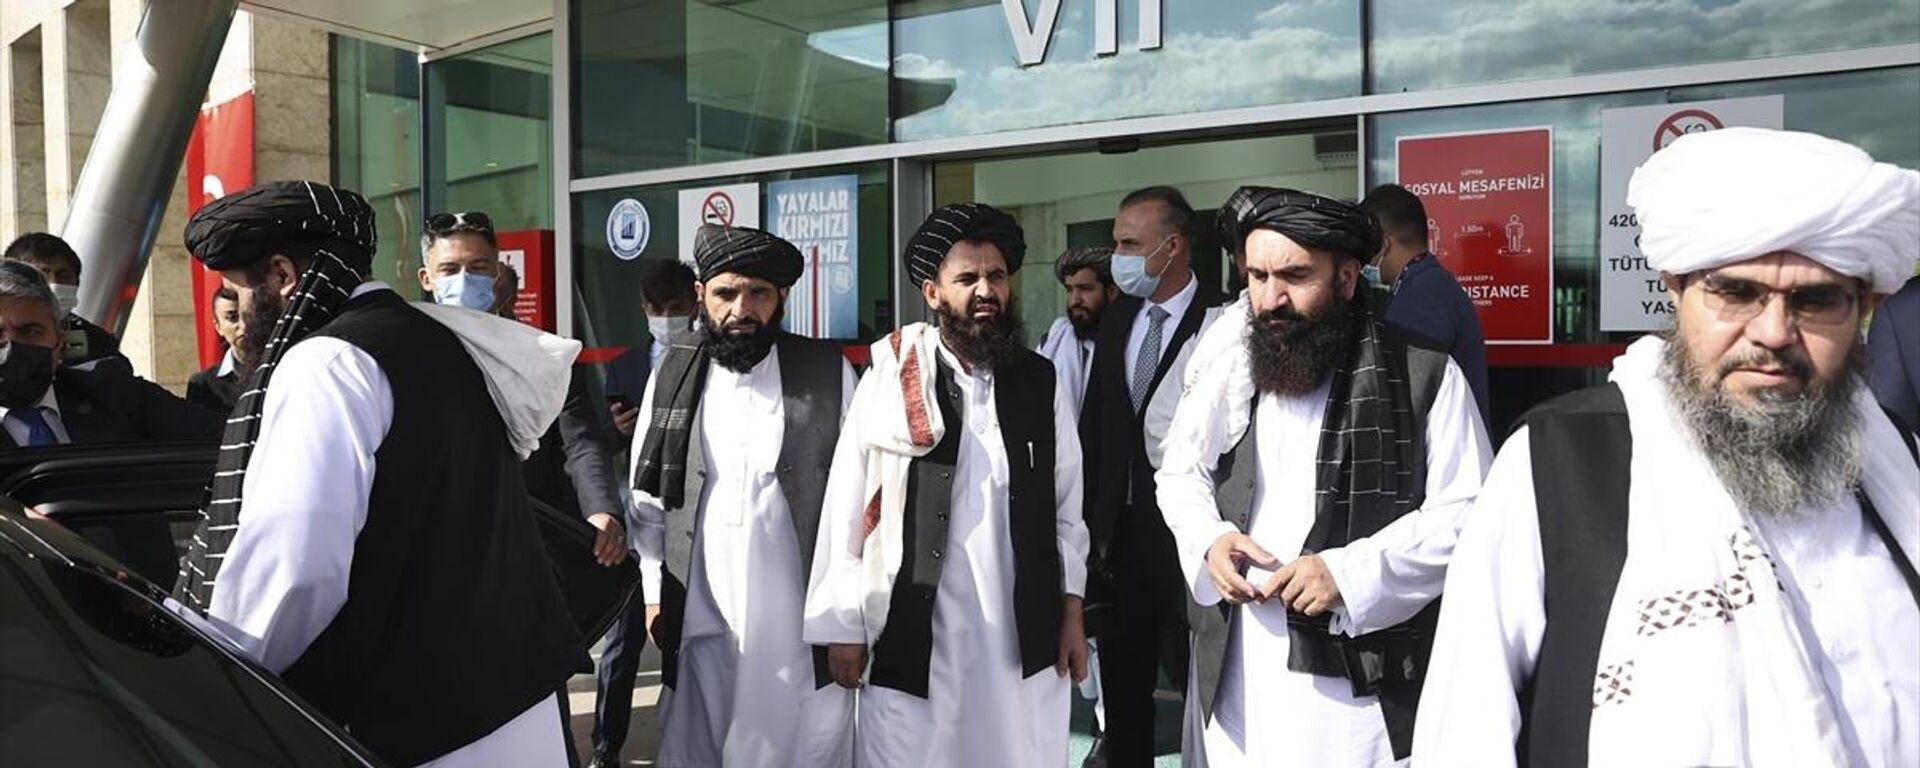 Afganistan'daki Taliban hükümetinin Dışişleri Bakan Vekili Emirhan Muttaki (solda), Türkiye'de temaslarda bulunmak üzere Ankara'ya geldi - Sputnik Türkiye, 1920, 14.10.2021